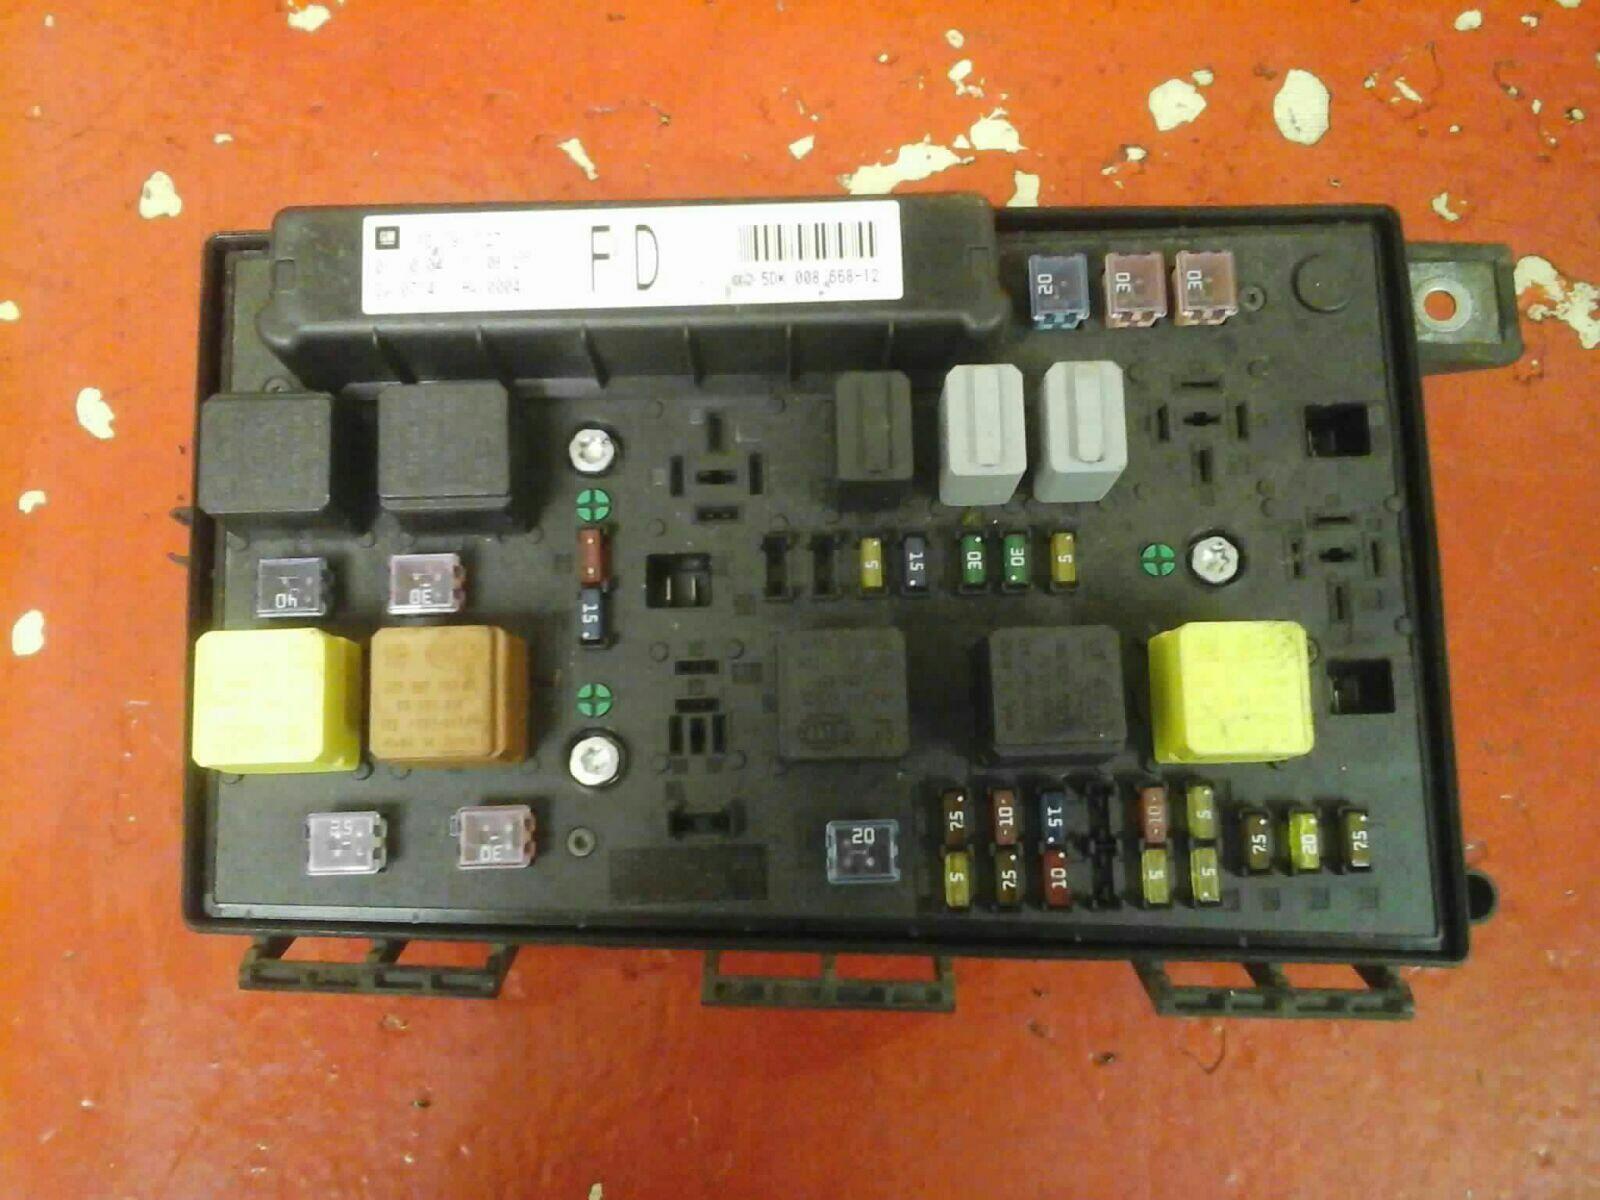 WRG-7045] Astra Club Fuse Box on